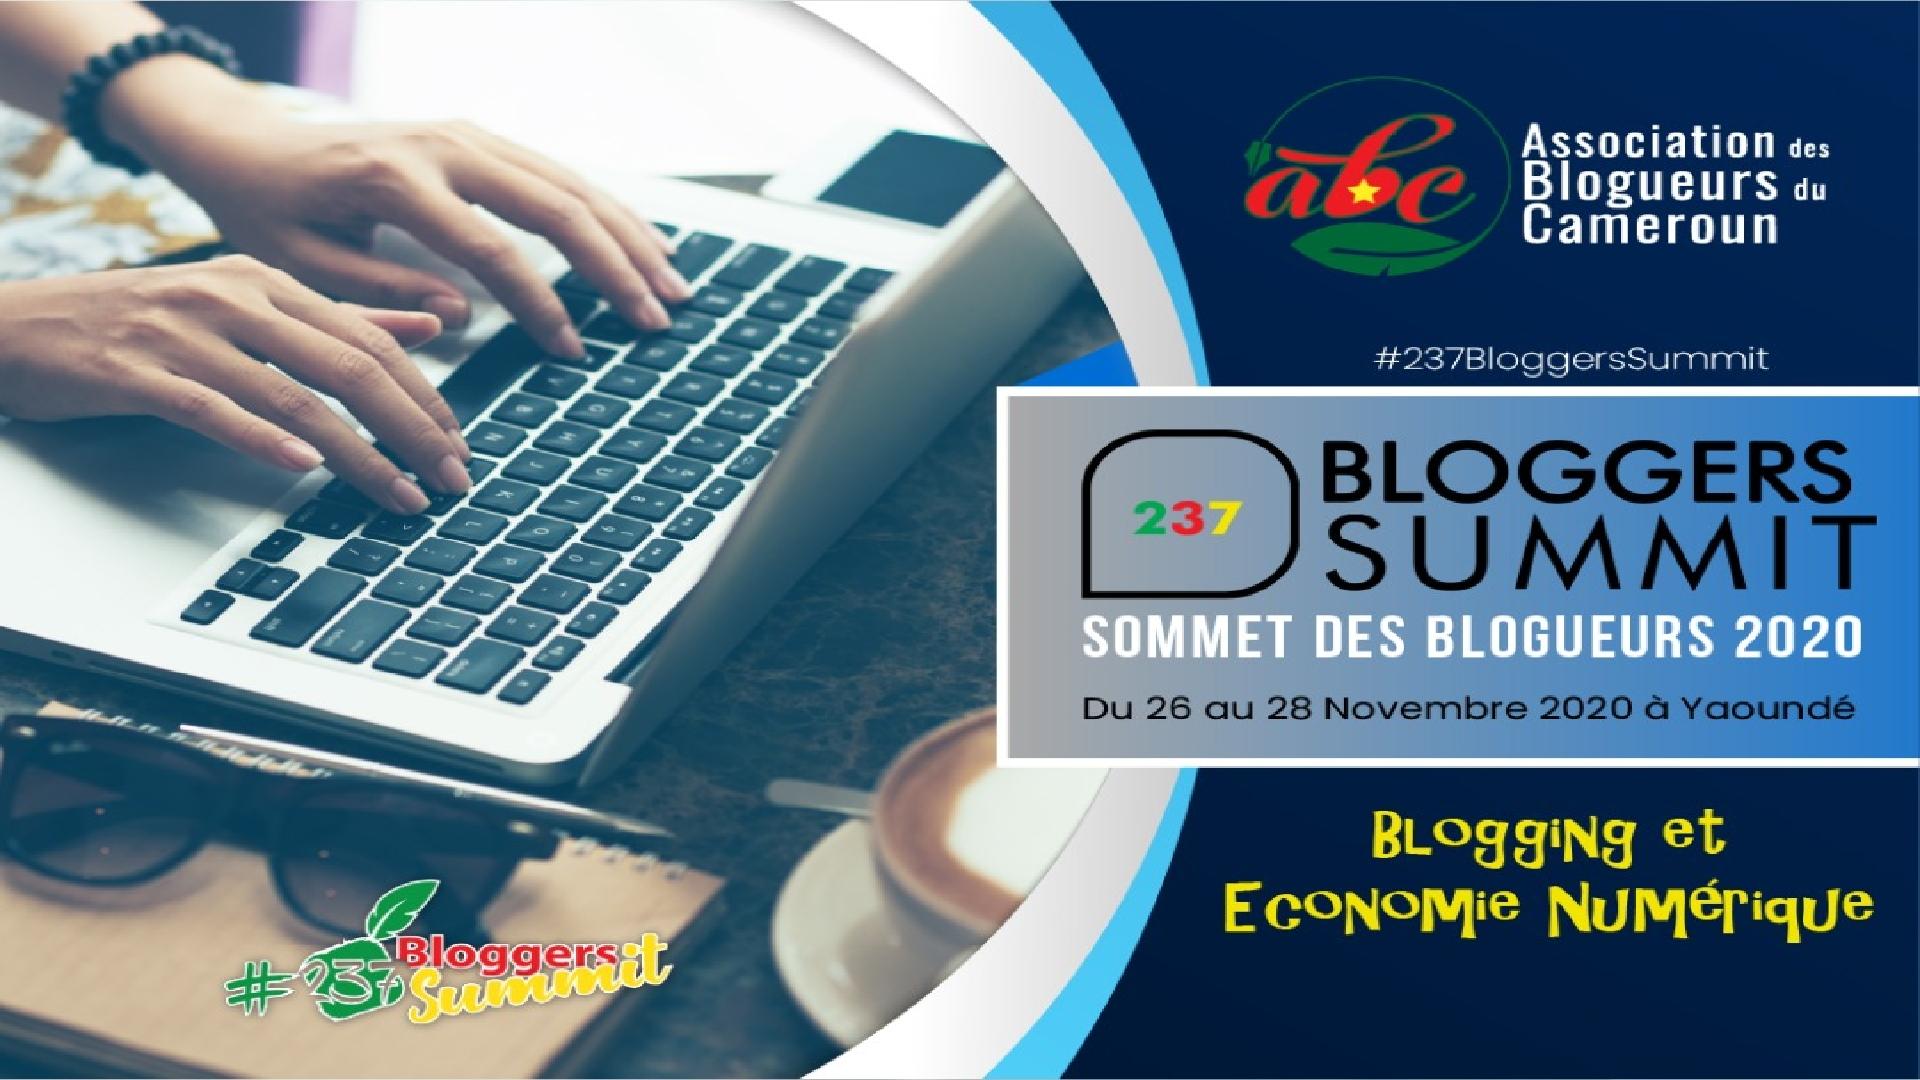 Le 237 blogger Summit s'ouvre ce 26 novembre 2020 à Yaoundé